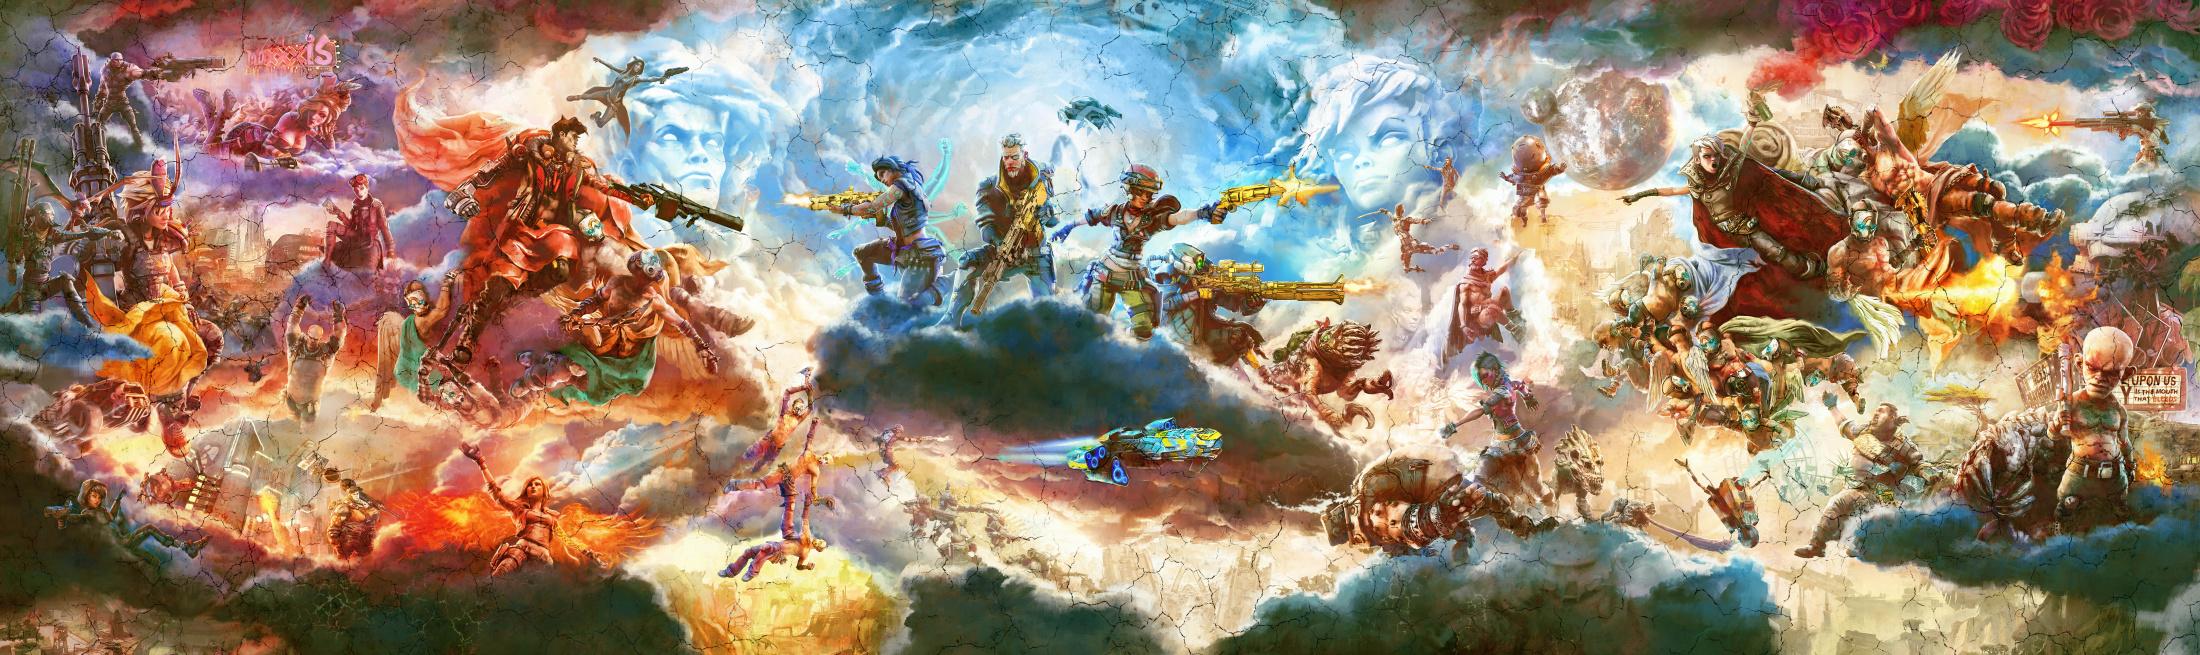 Thumbnail for Borderlands 3 Mural of Mayhem